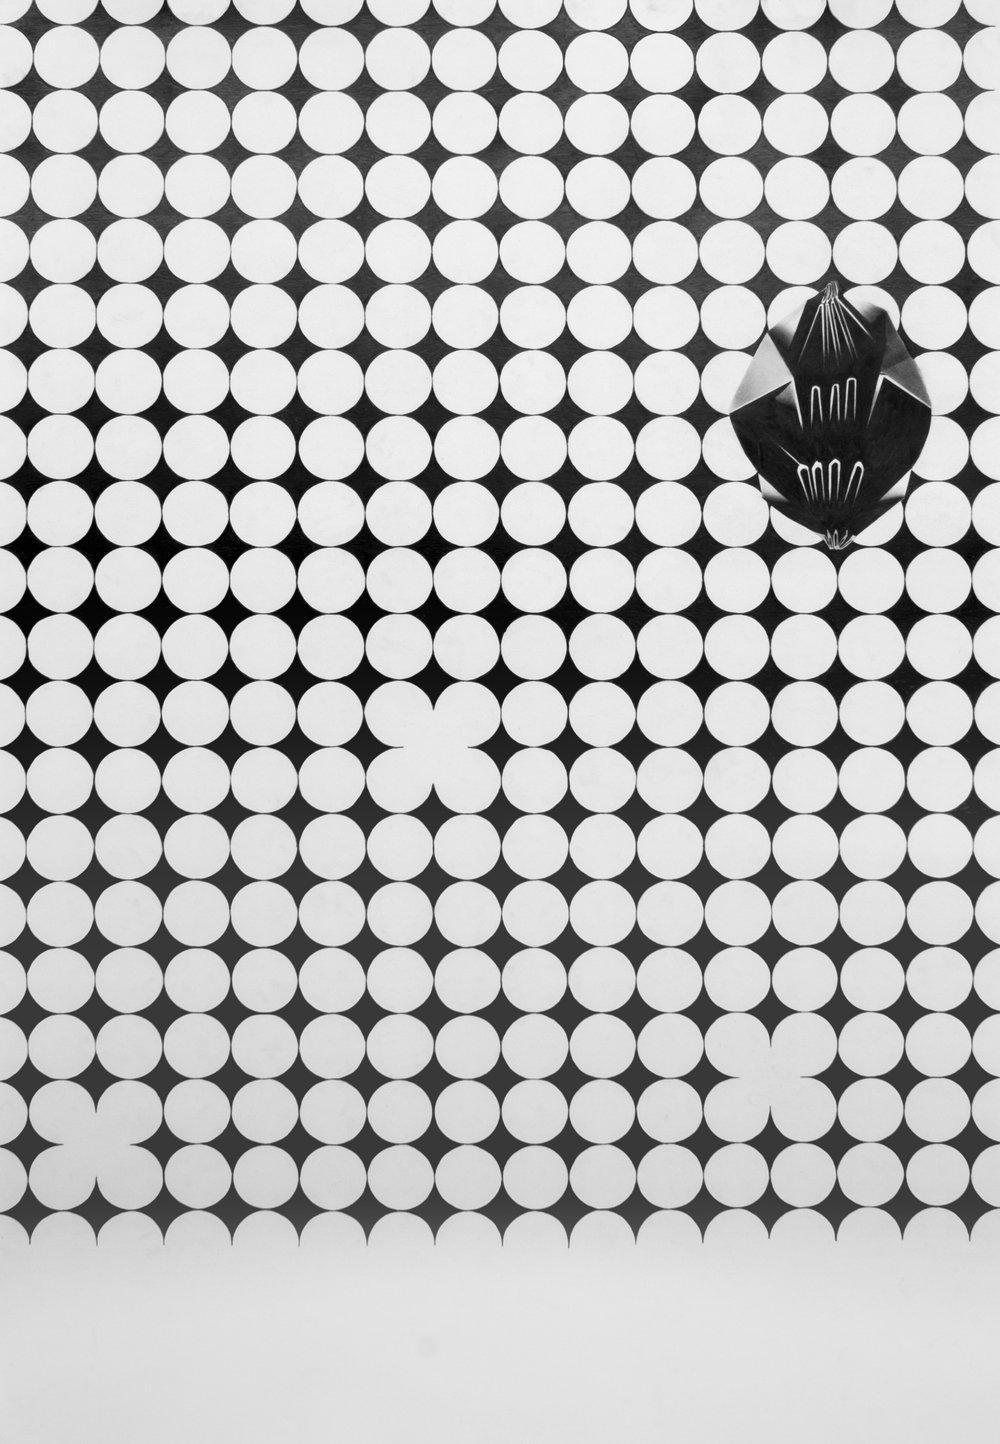 """Philippe Caron-Lefebvre, Replis sur losange noir , 2016, graphite on paper,44"""" x 30"""" (112 x 76 cm)."""